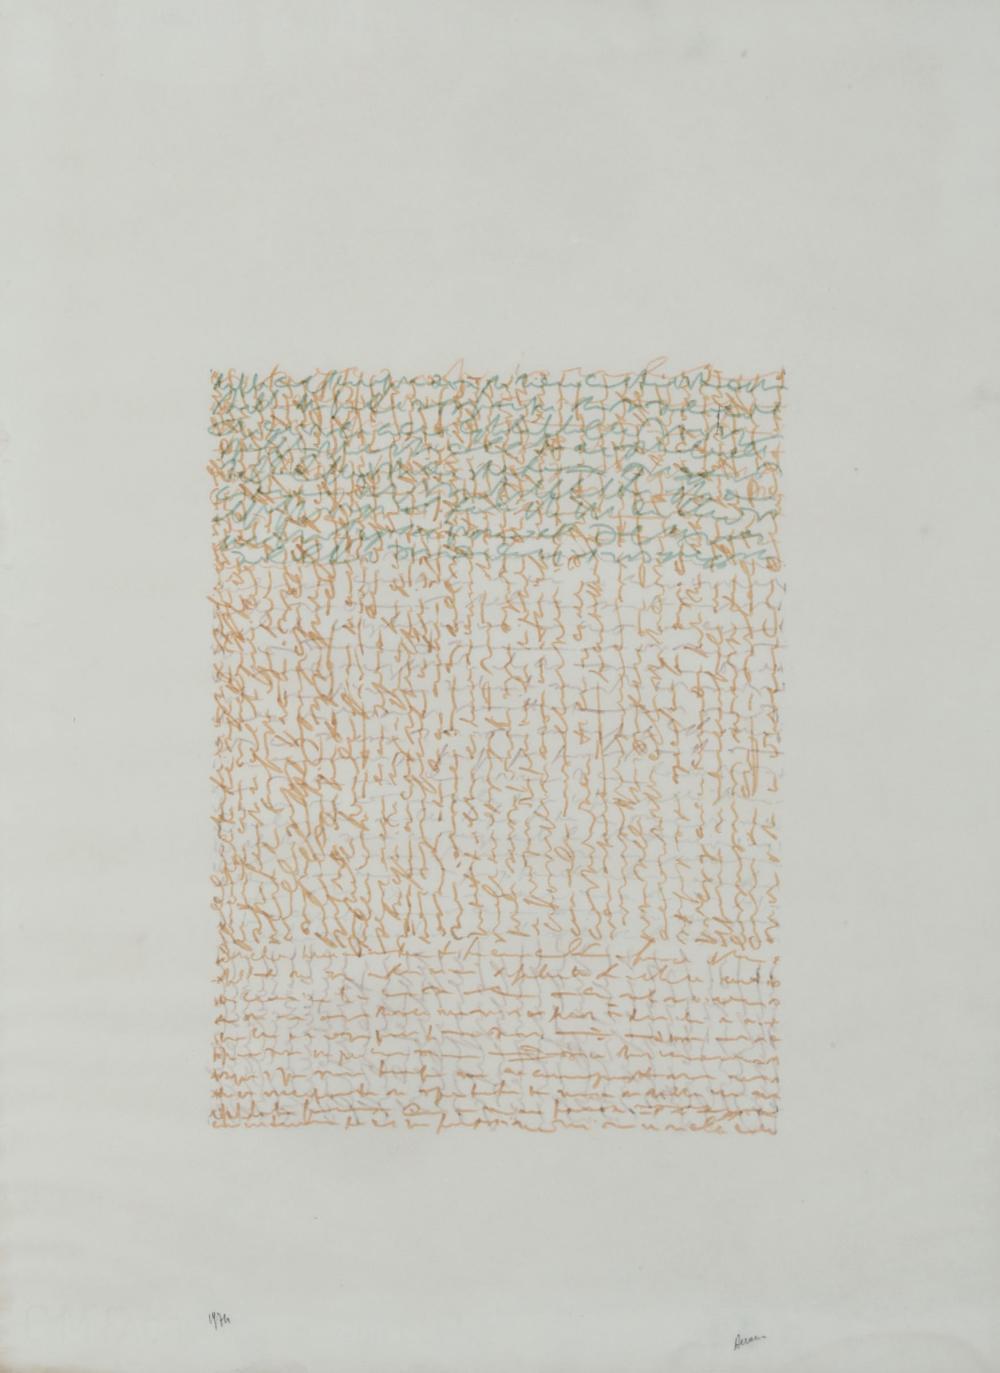 Vincenzo Accame (1932 - 1999), Scrittura, 1974